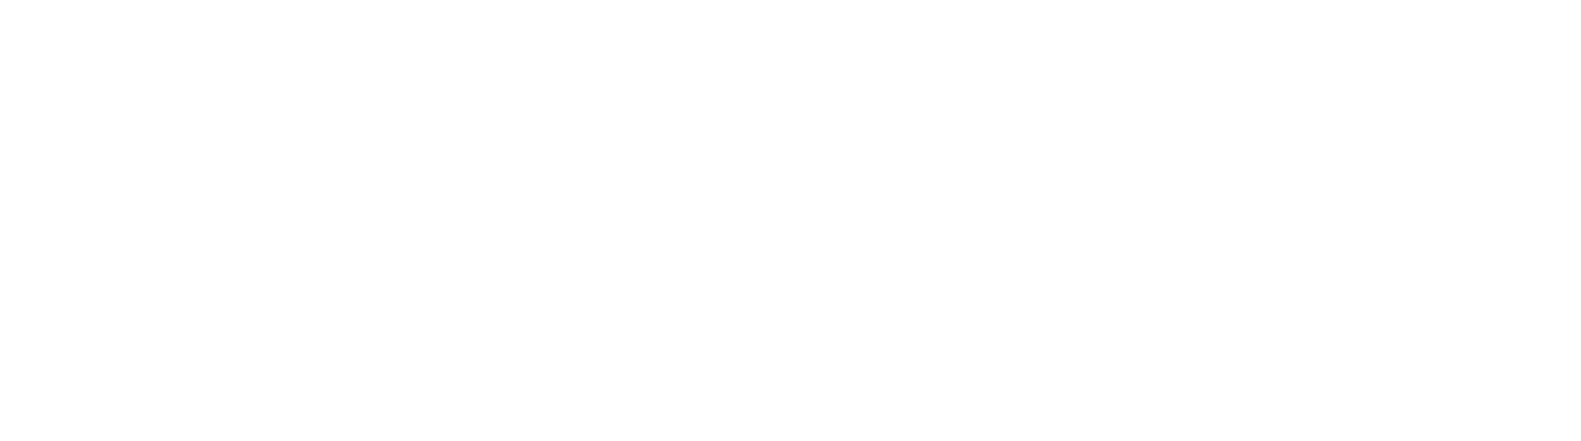 White Transparent Fortnite Logo